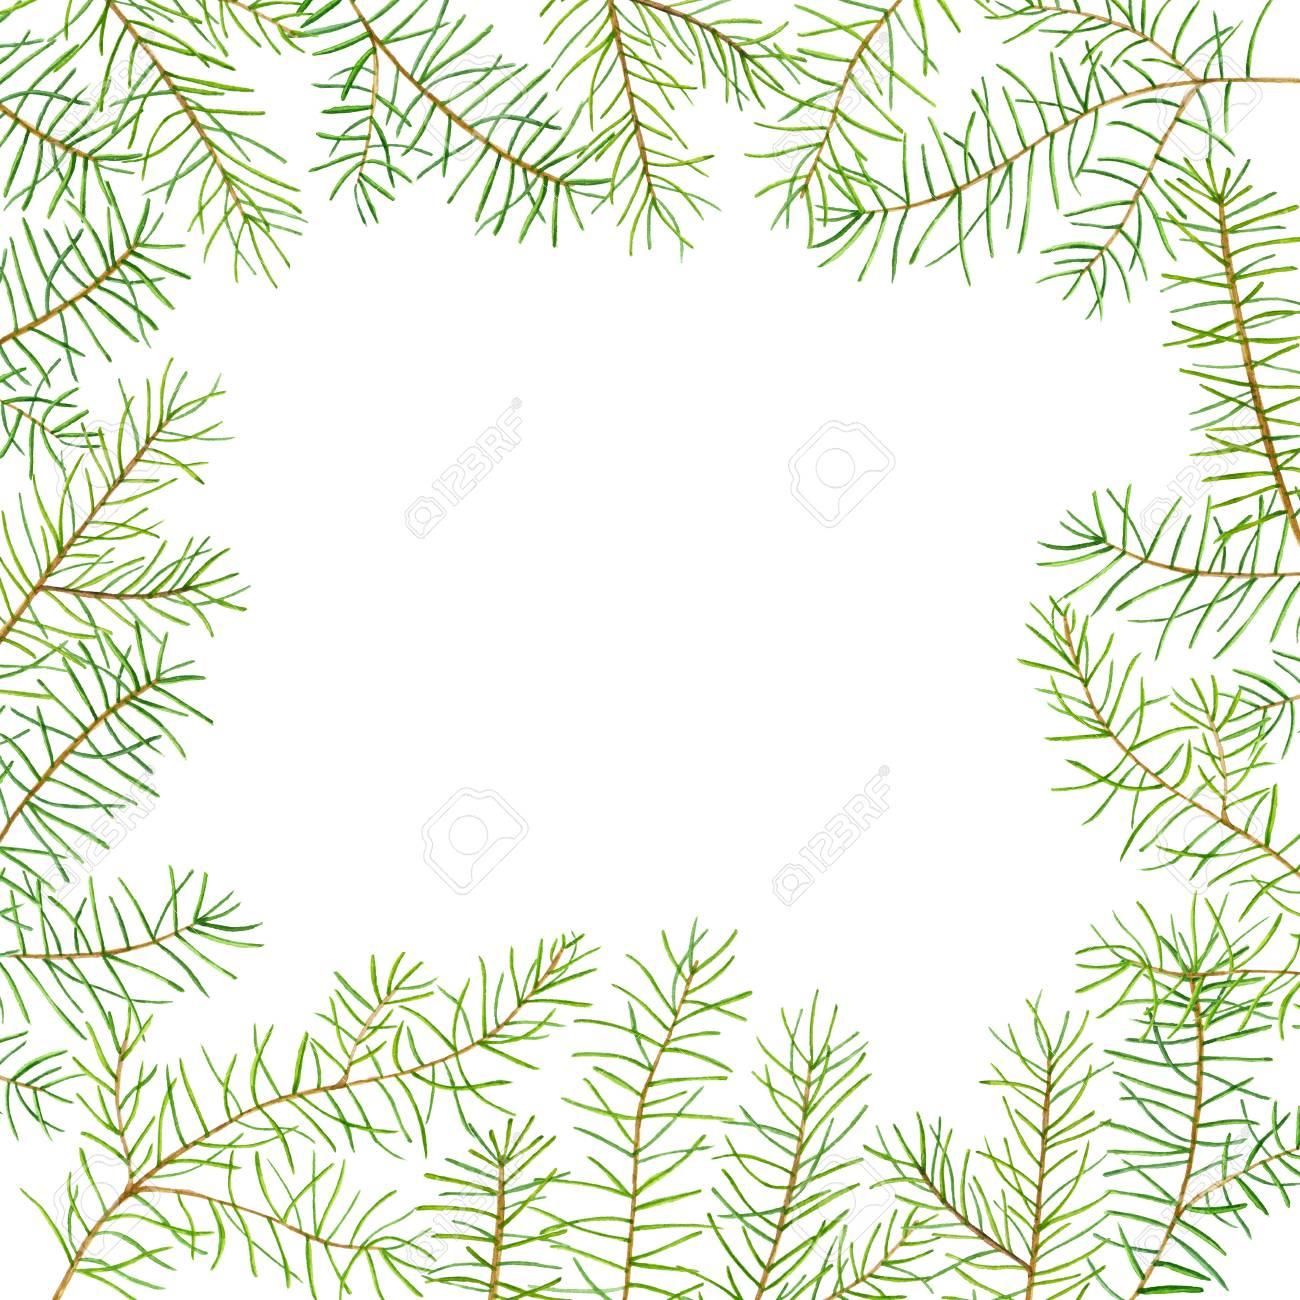 Vorlage Weihnachtsfeier.Stock Photo